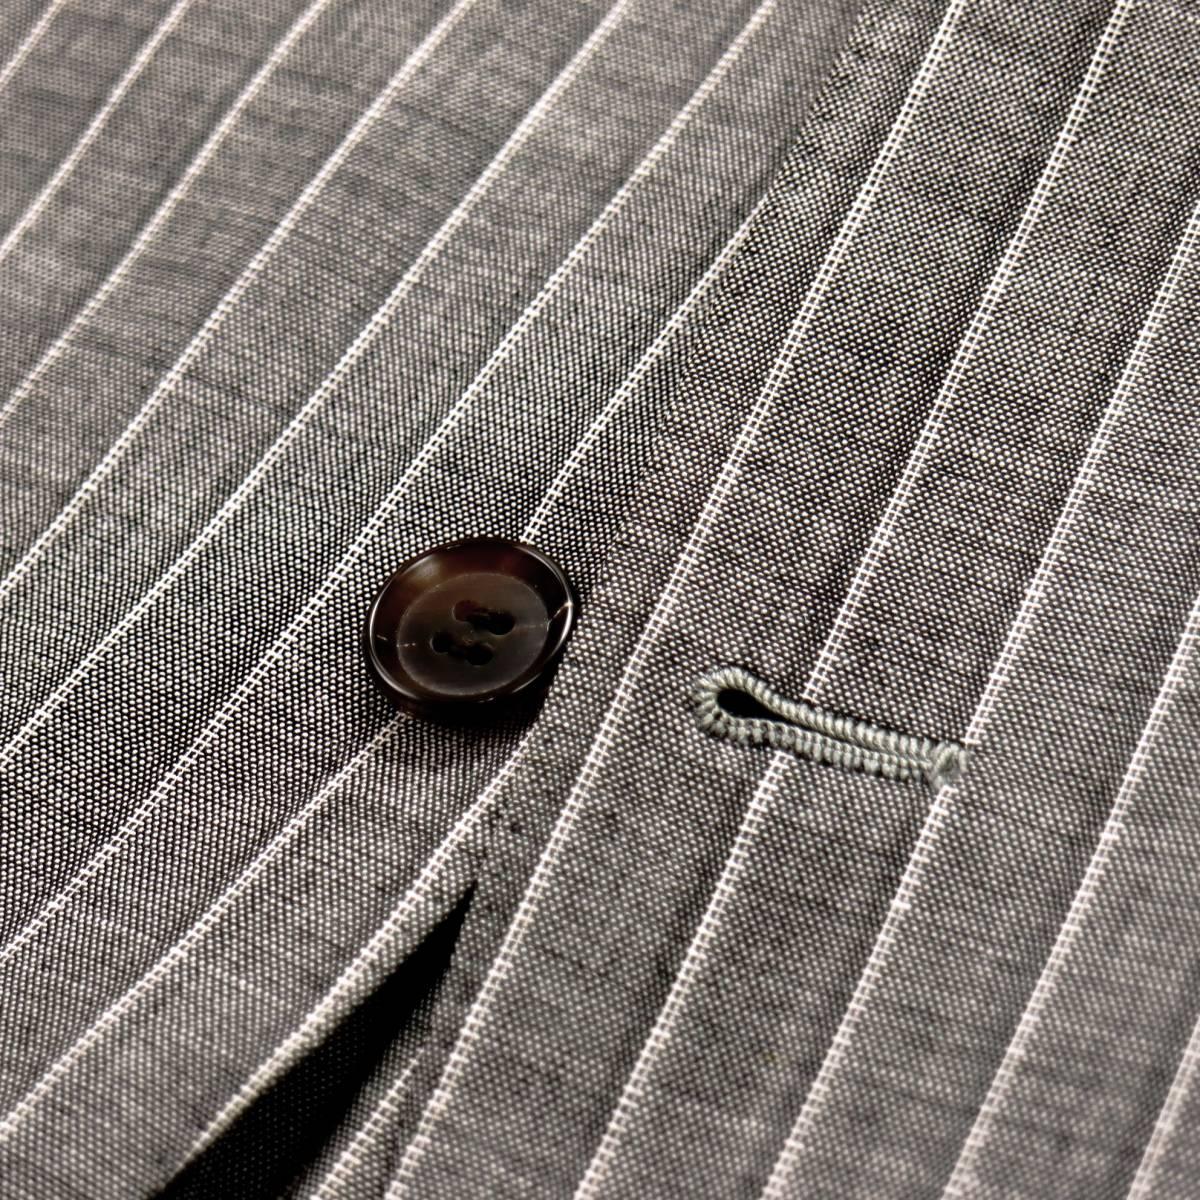 極上リッチな艶◎「ストラスブルゴ」×「リングヂャケット」通年イタリアングレー色◎滑らかな極上素材ピンストライプ柄スーツ 44 S~M_画像7